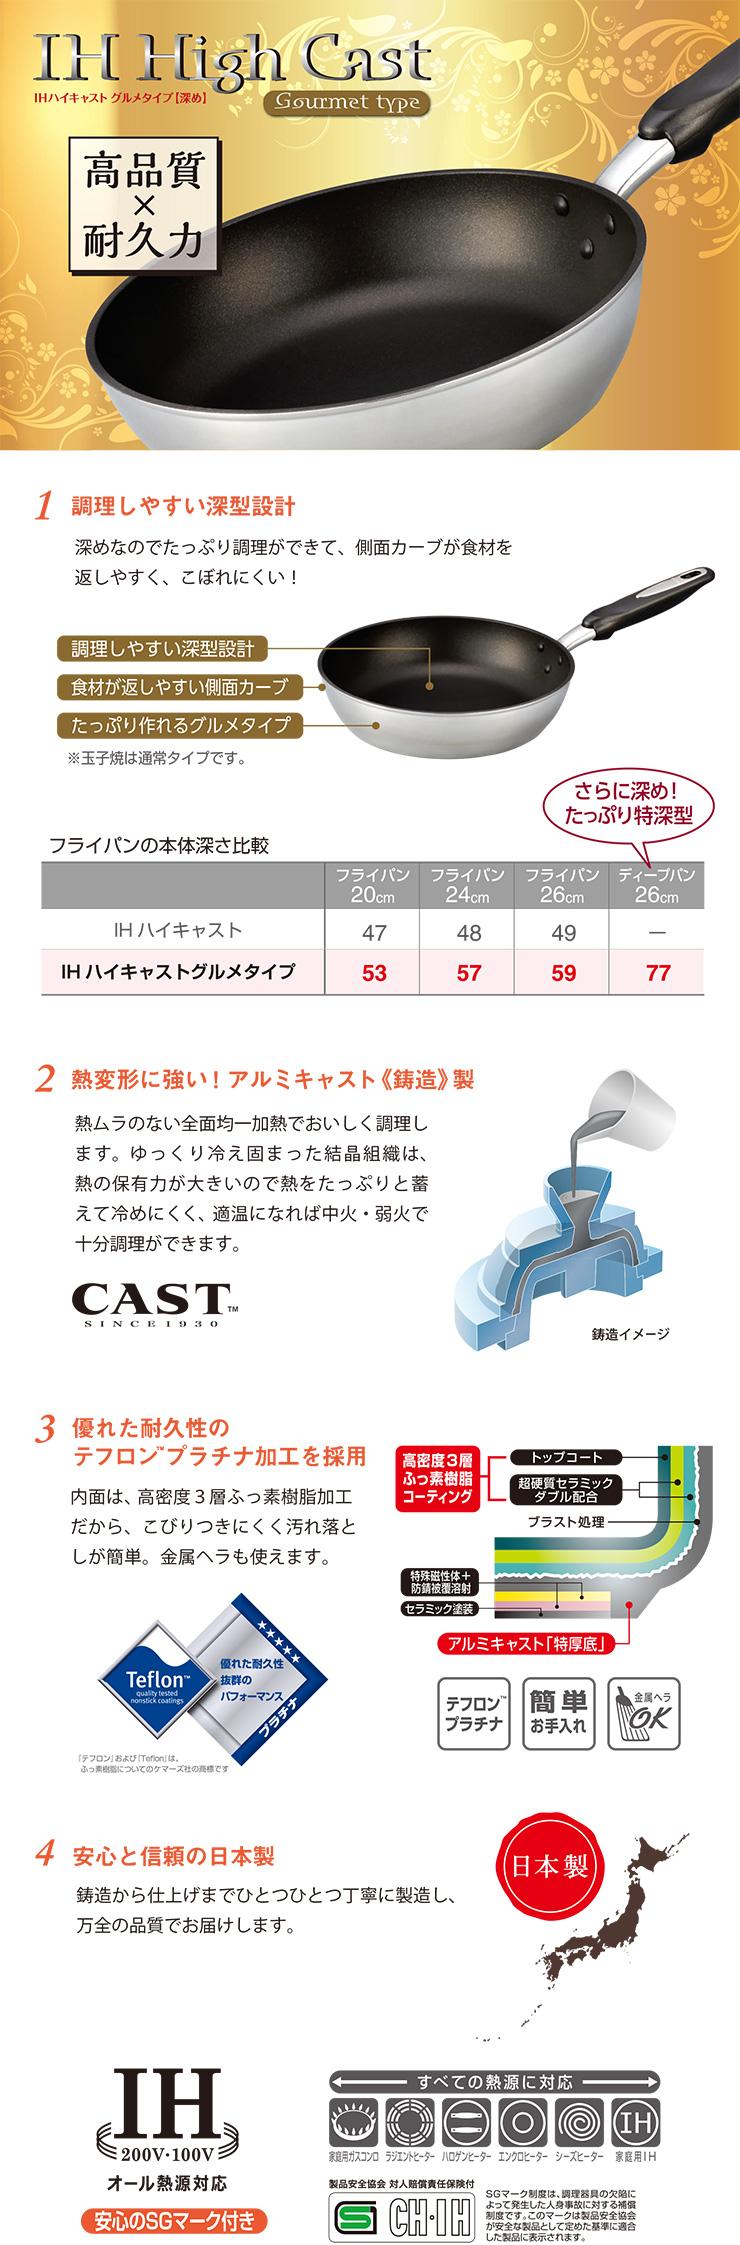 ●日本製● 北陸アルミ IHハイキャスト グルメタイプ フライパン 24cm フライパン A-1272 ギフトパッケージ入り